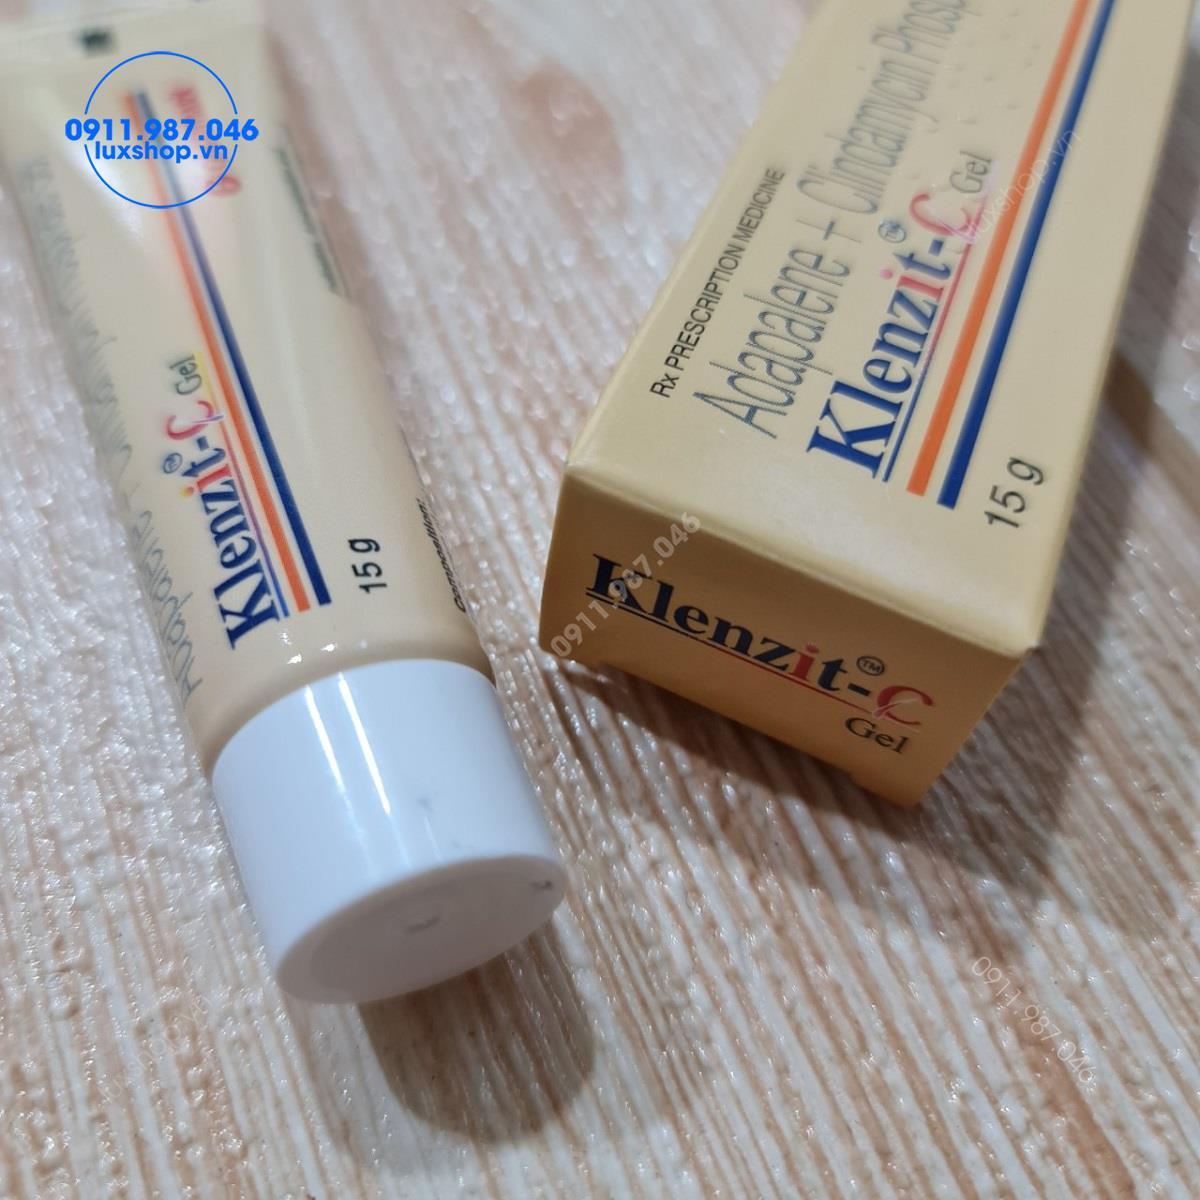 Thuốc bôi trị mụn Klenzit C 15g chính hãng (Ấn Độ)